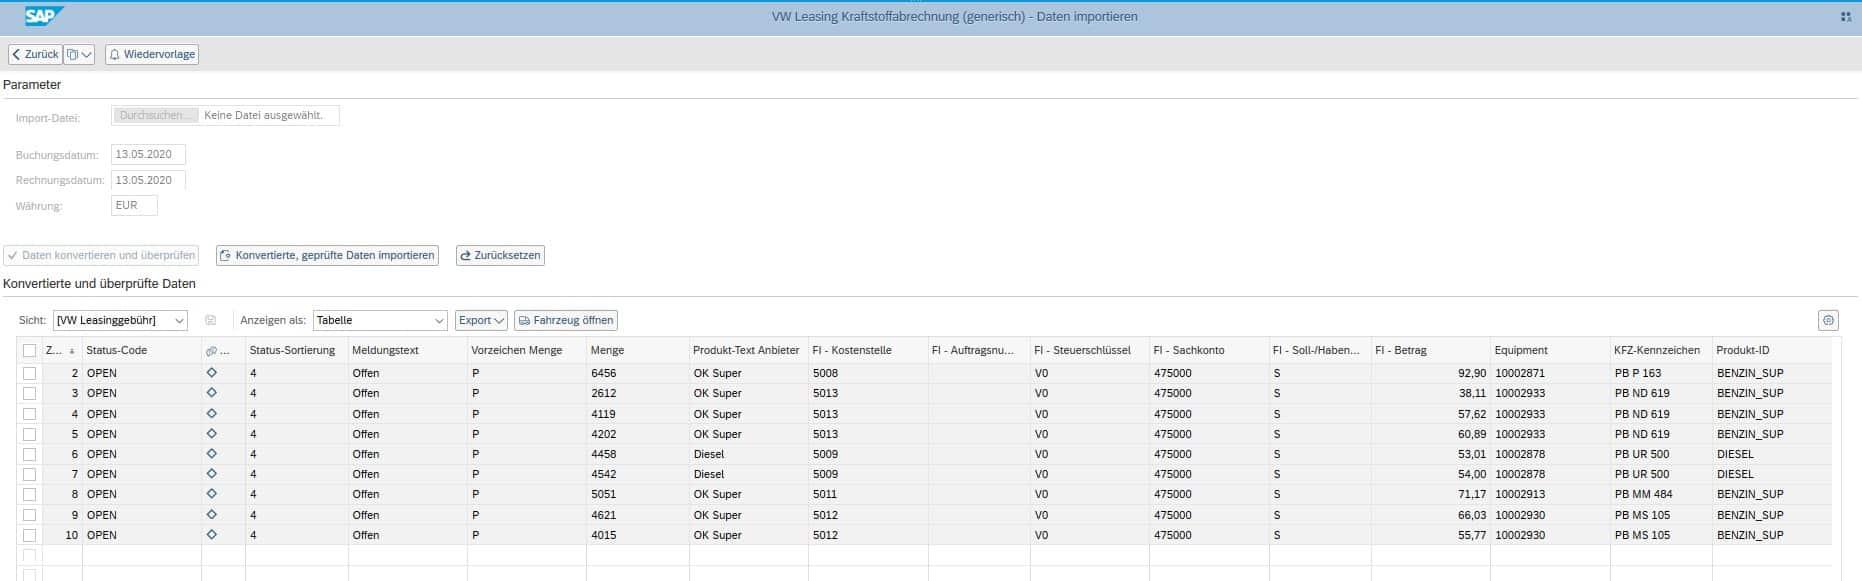 Datenübernahme / Importschnittstelle Flottenmanagement